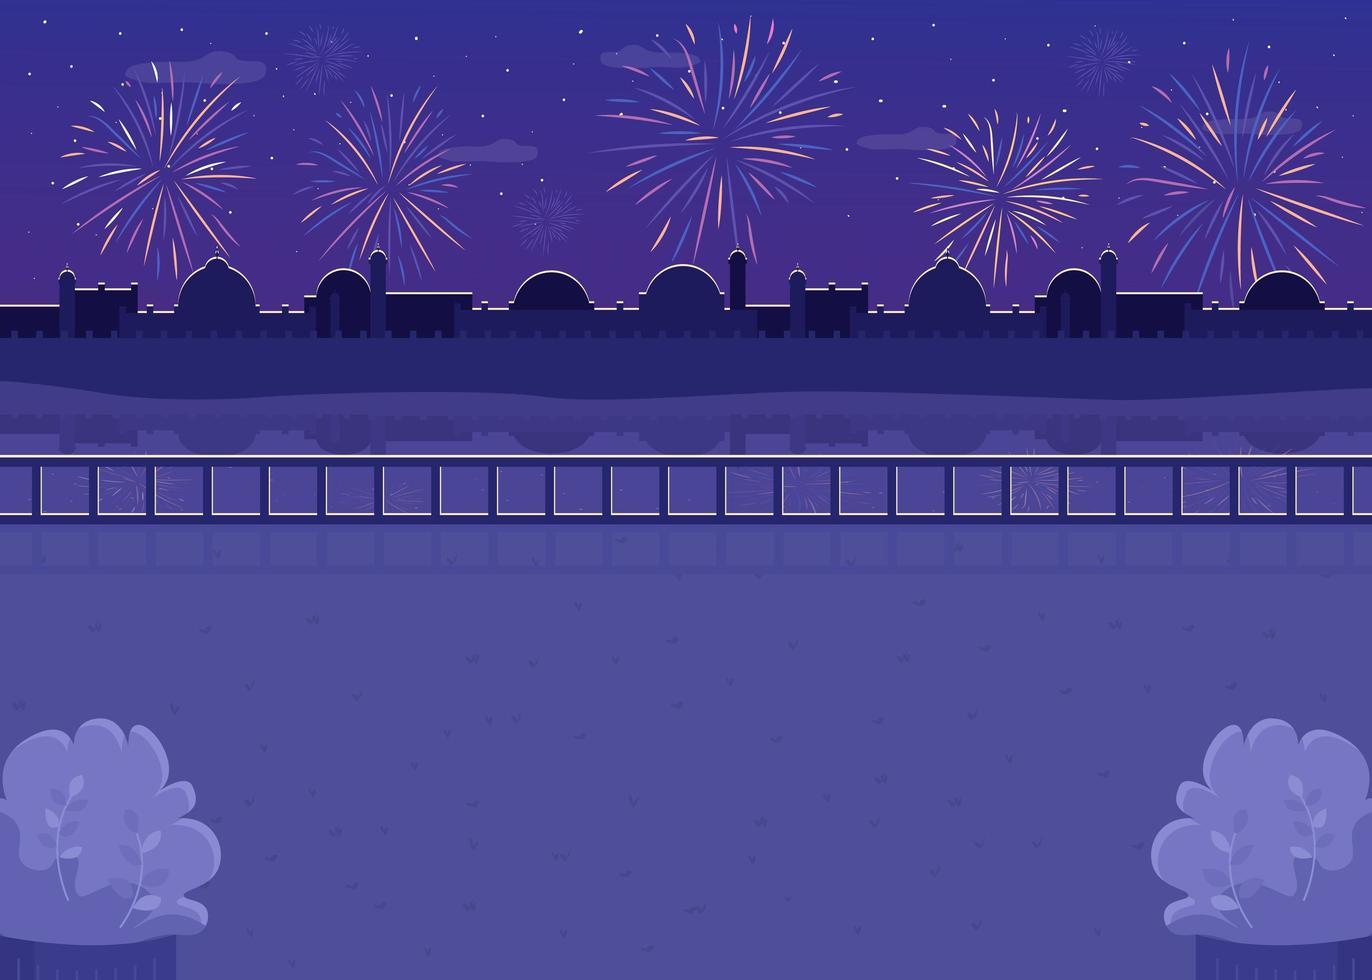 nachtelijk vuurwerk op de achtergrond vector